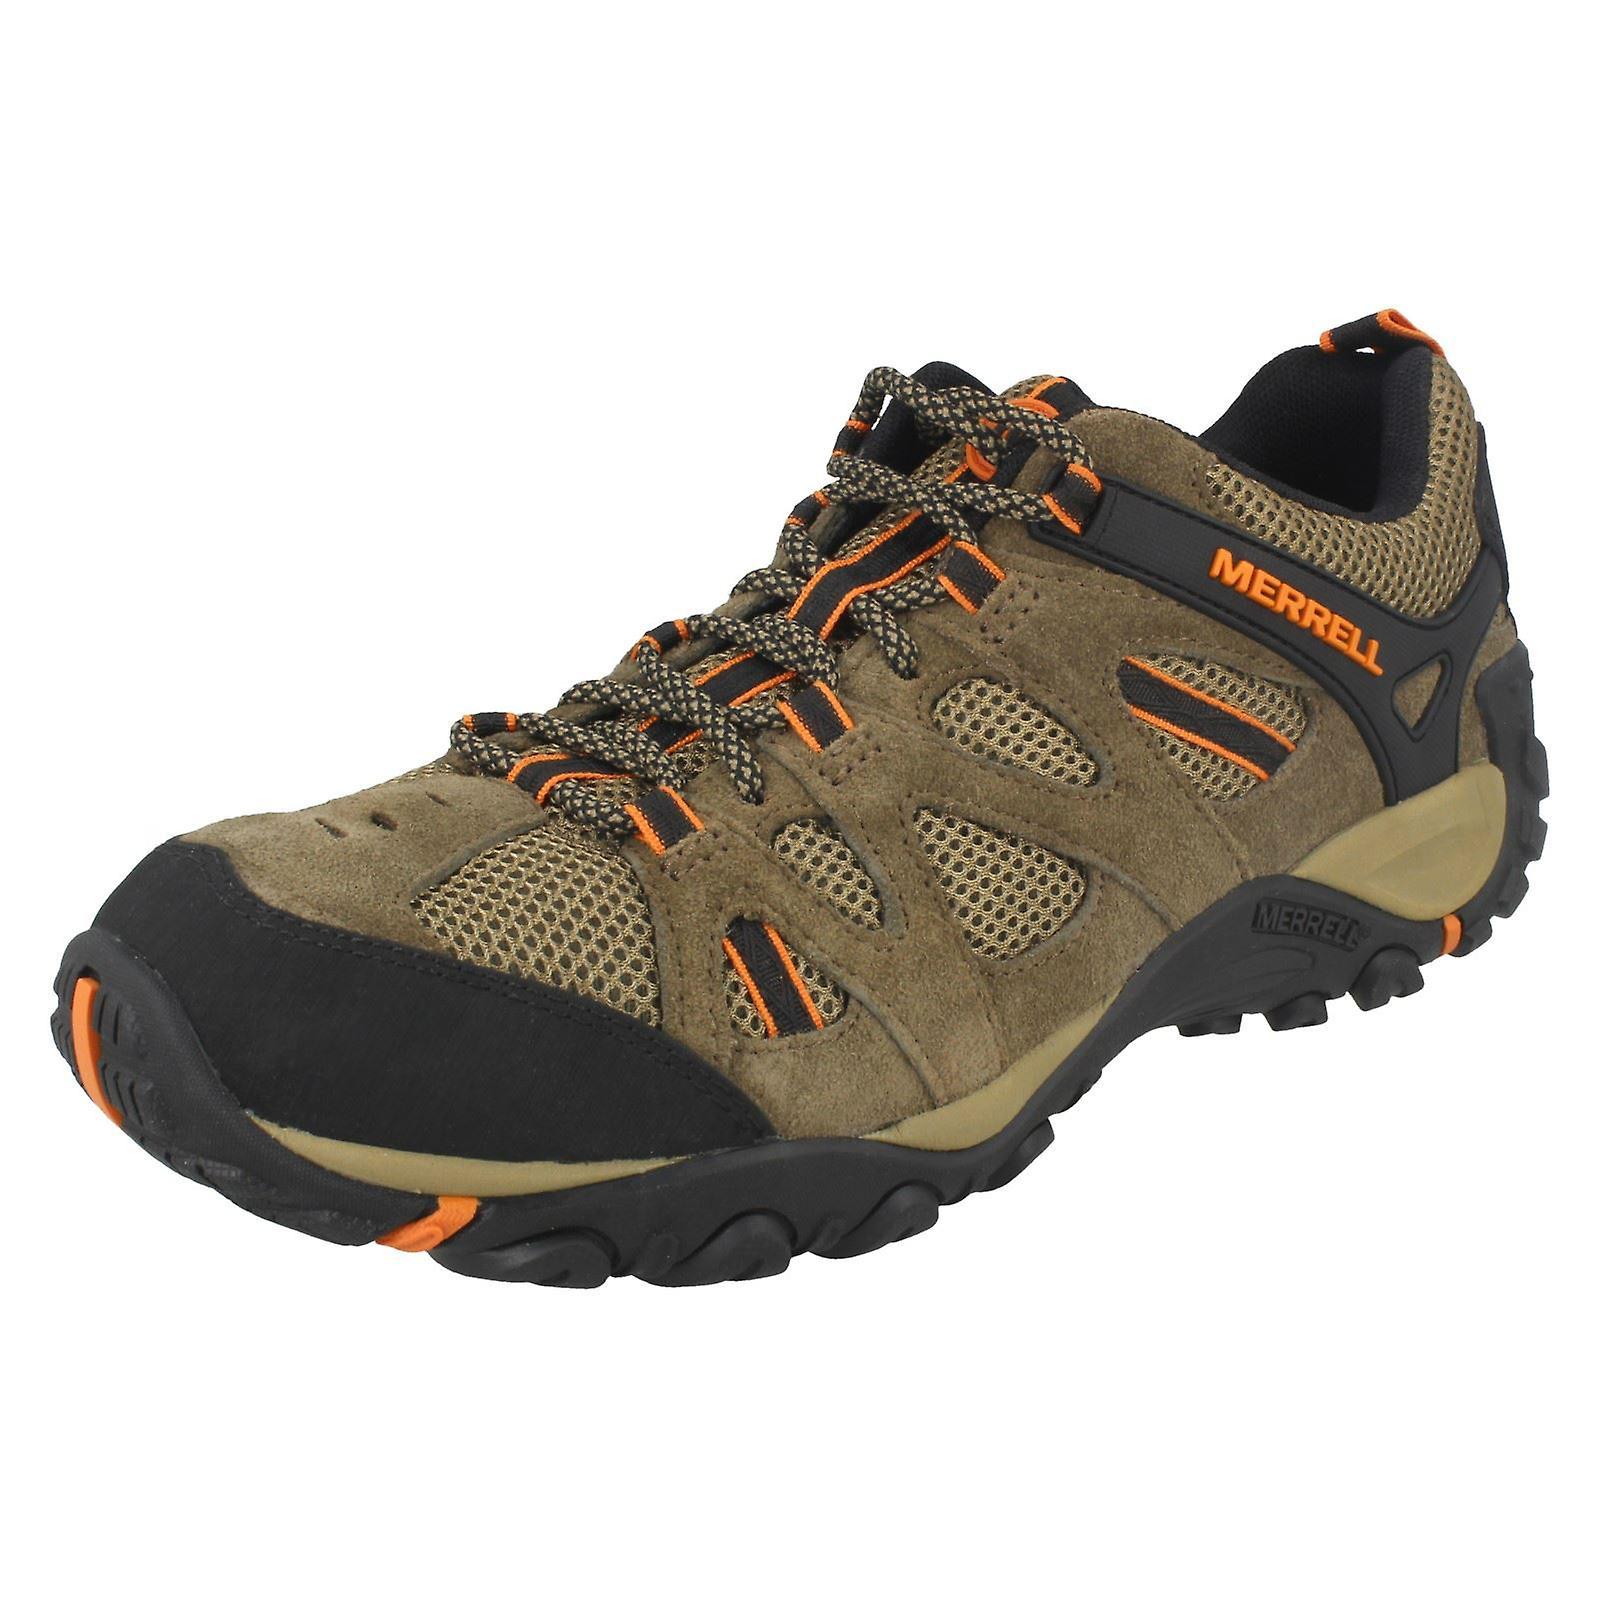 size 40 7cd37 e6515 s Merrell Walking chaussures Yokota Ascender évent évent évent J343718C -  Cantine/B. cuir Orange - UK taille 7,5 M - UE taille 41,5 - taille US 8  8baf29